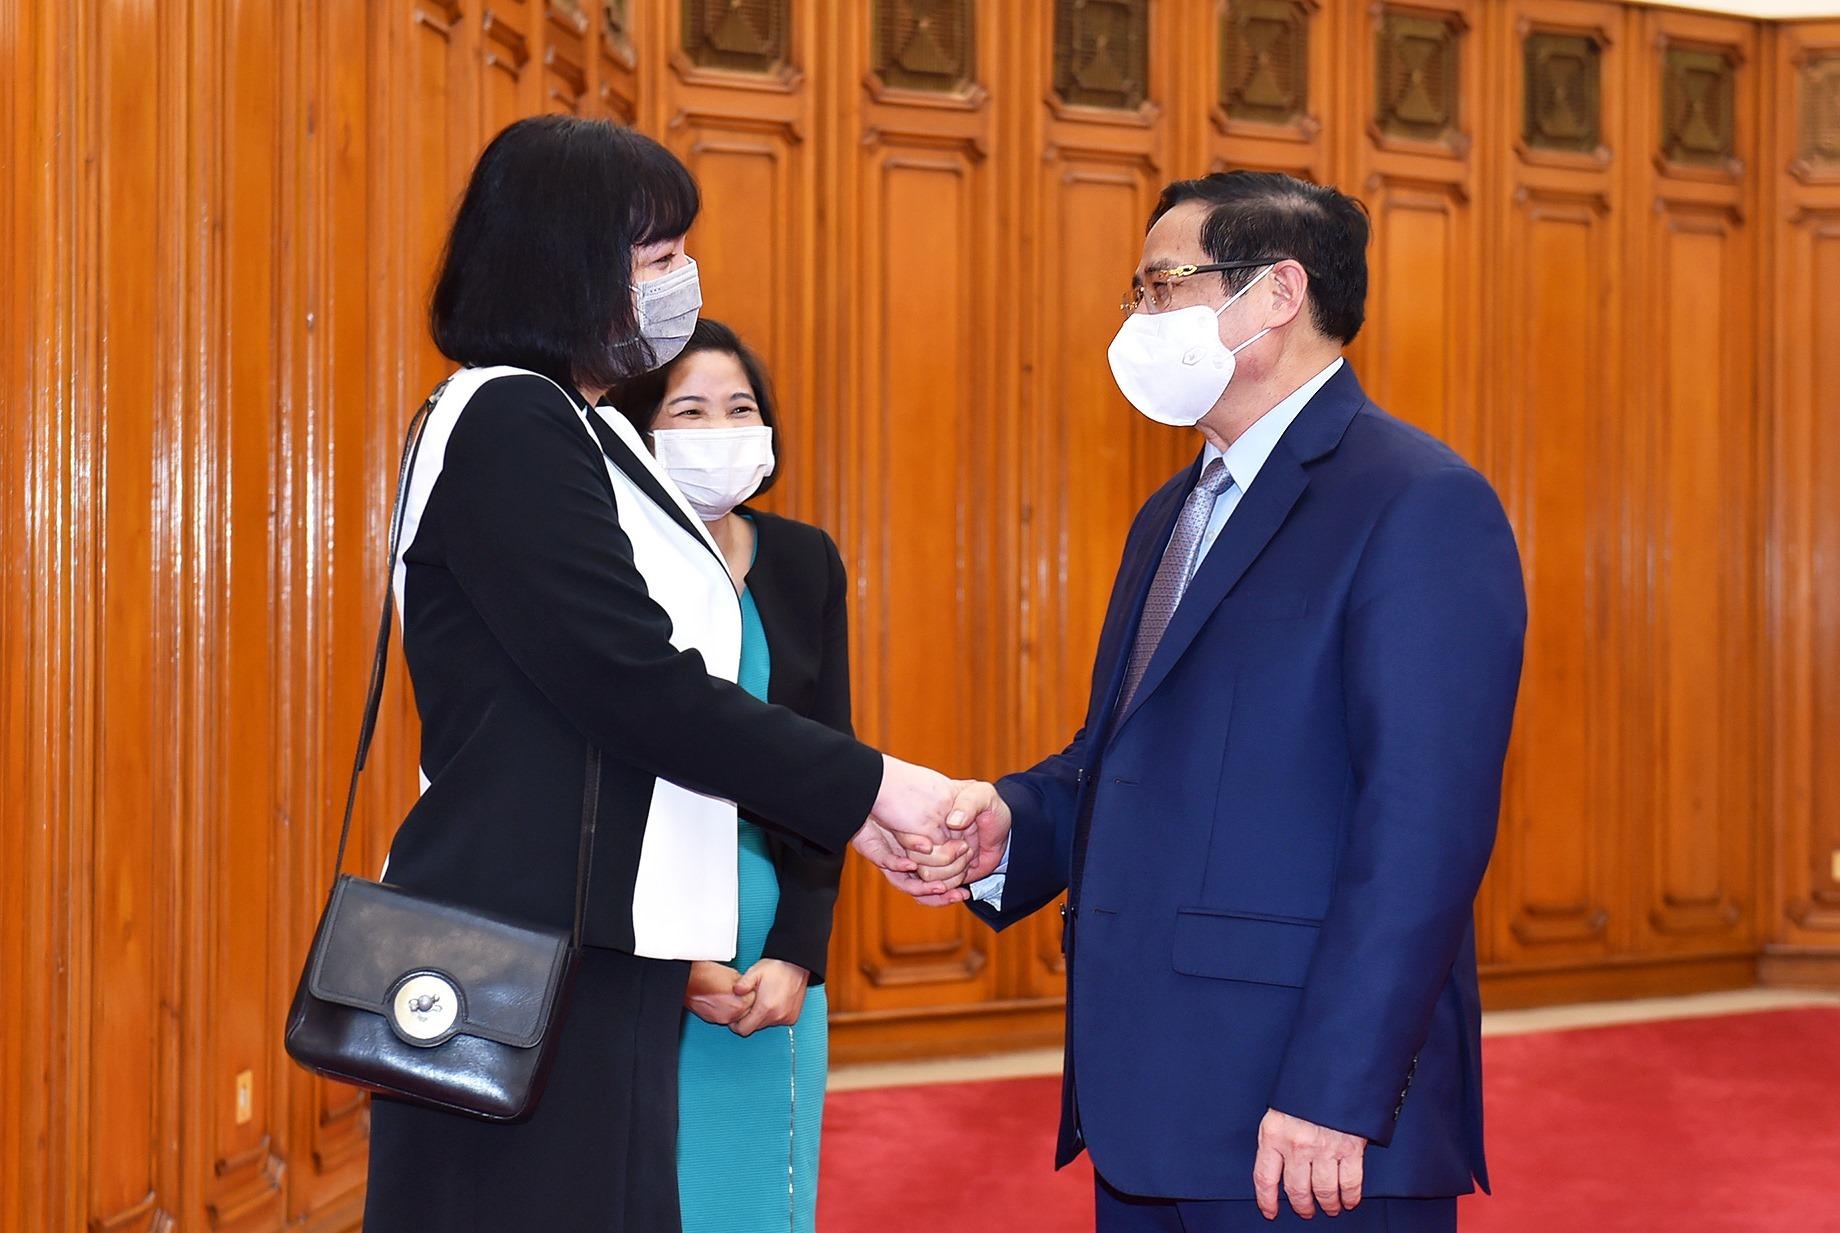 Thủ tướng đề nghị Rumani tiếp tục hỗ trợ vắc xin Covid-19 cho Việt Nam